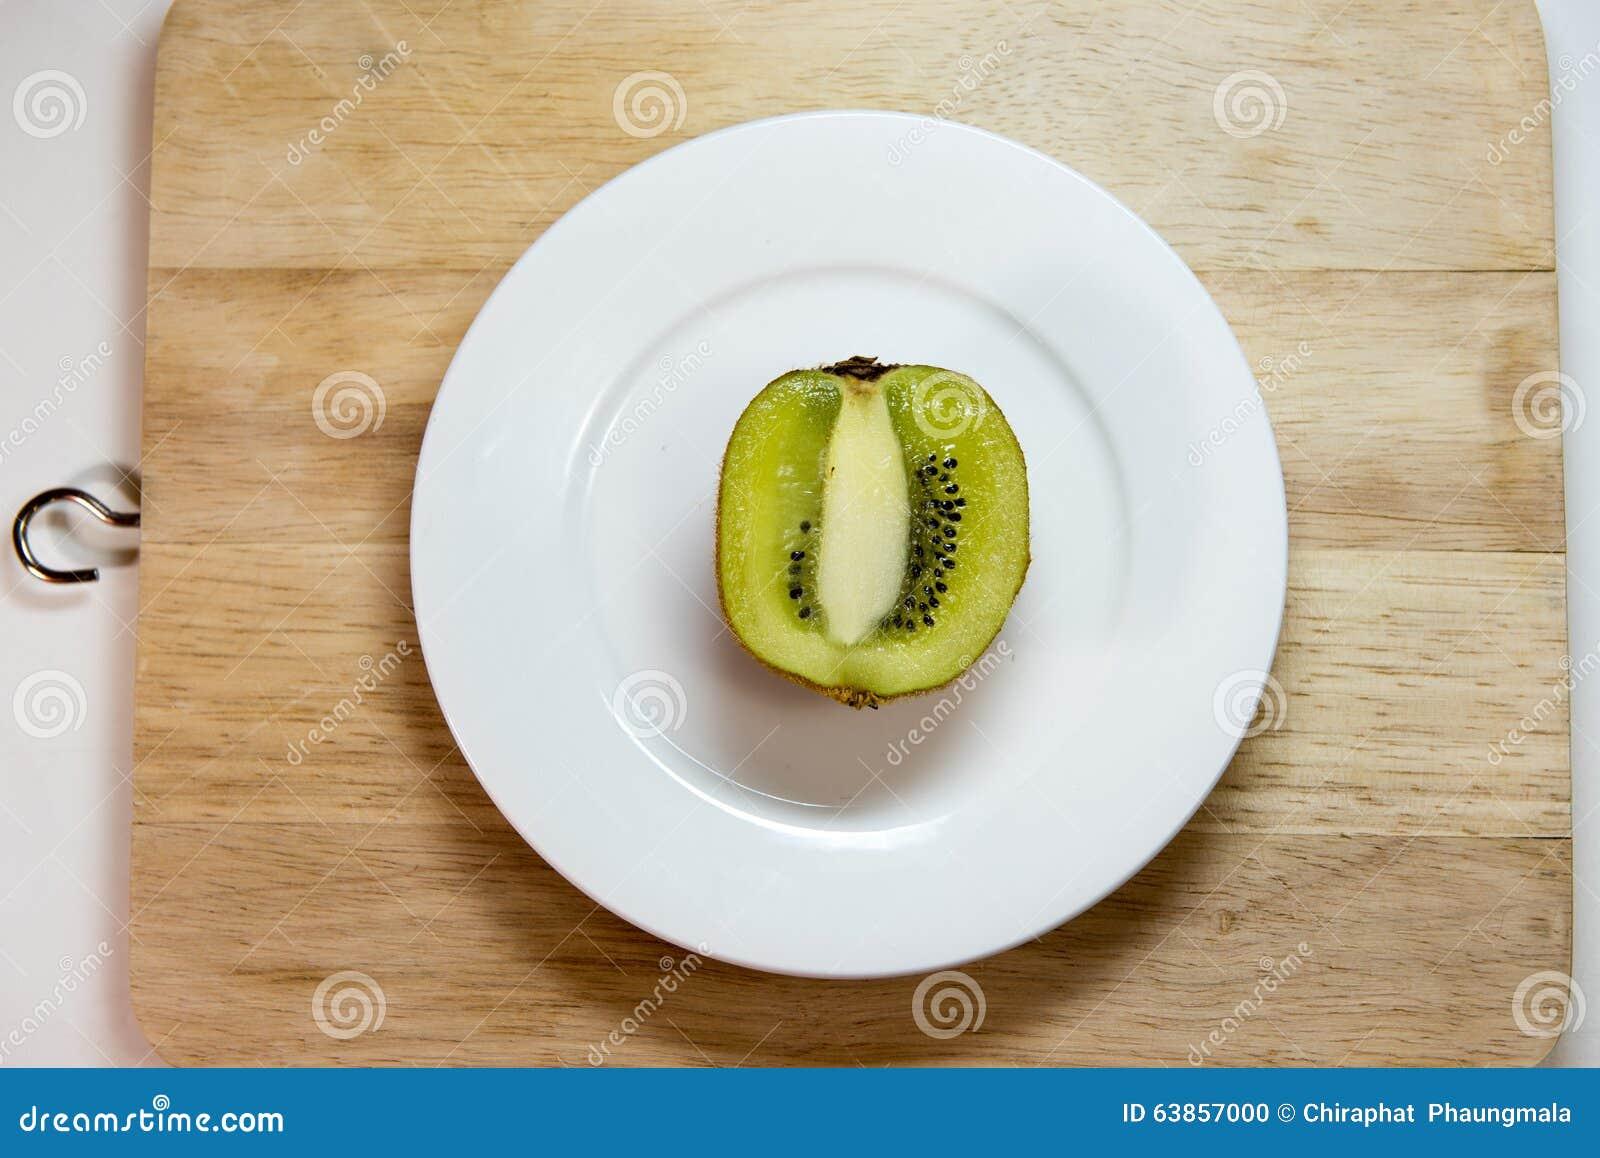 Kiwi fruit isolated on block and white dish decoration for Decoration kiwi